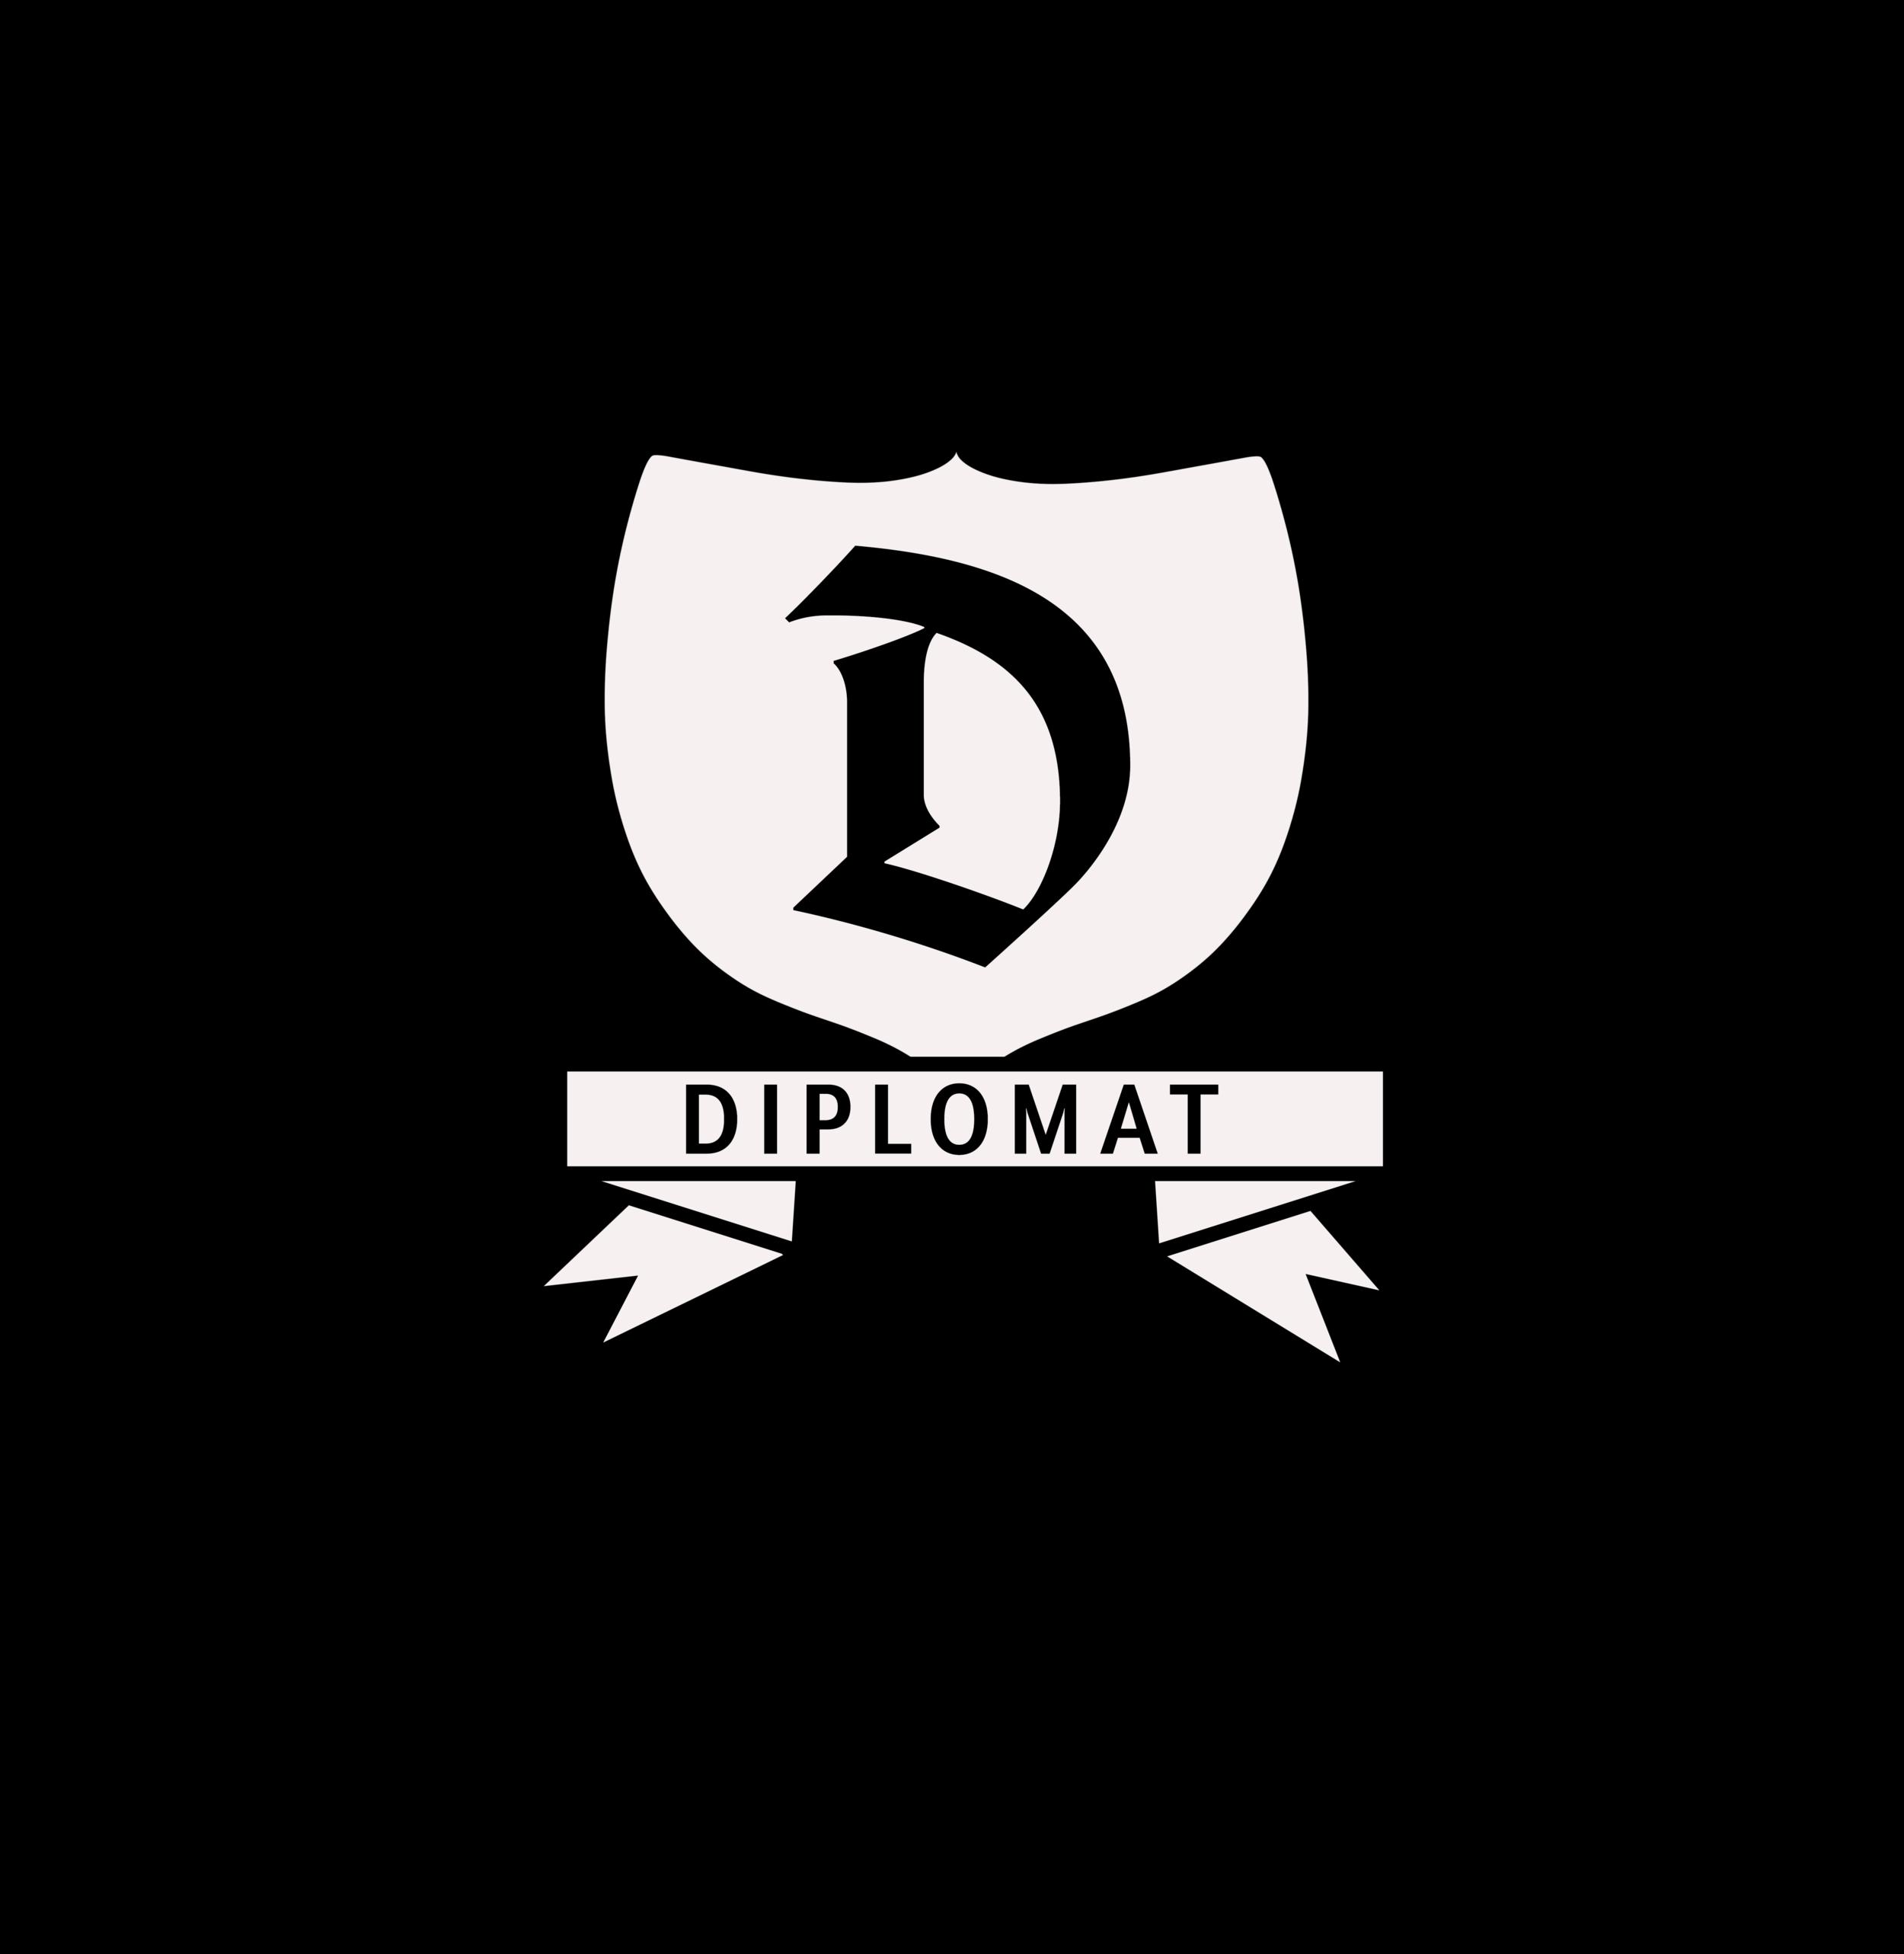 diplomatlogo-shield.png